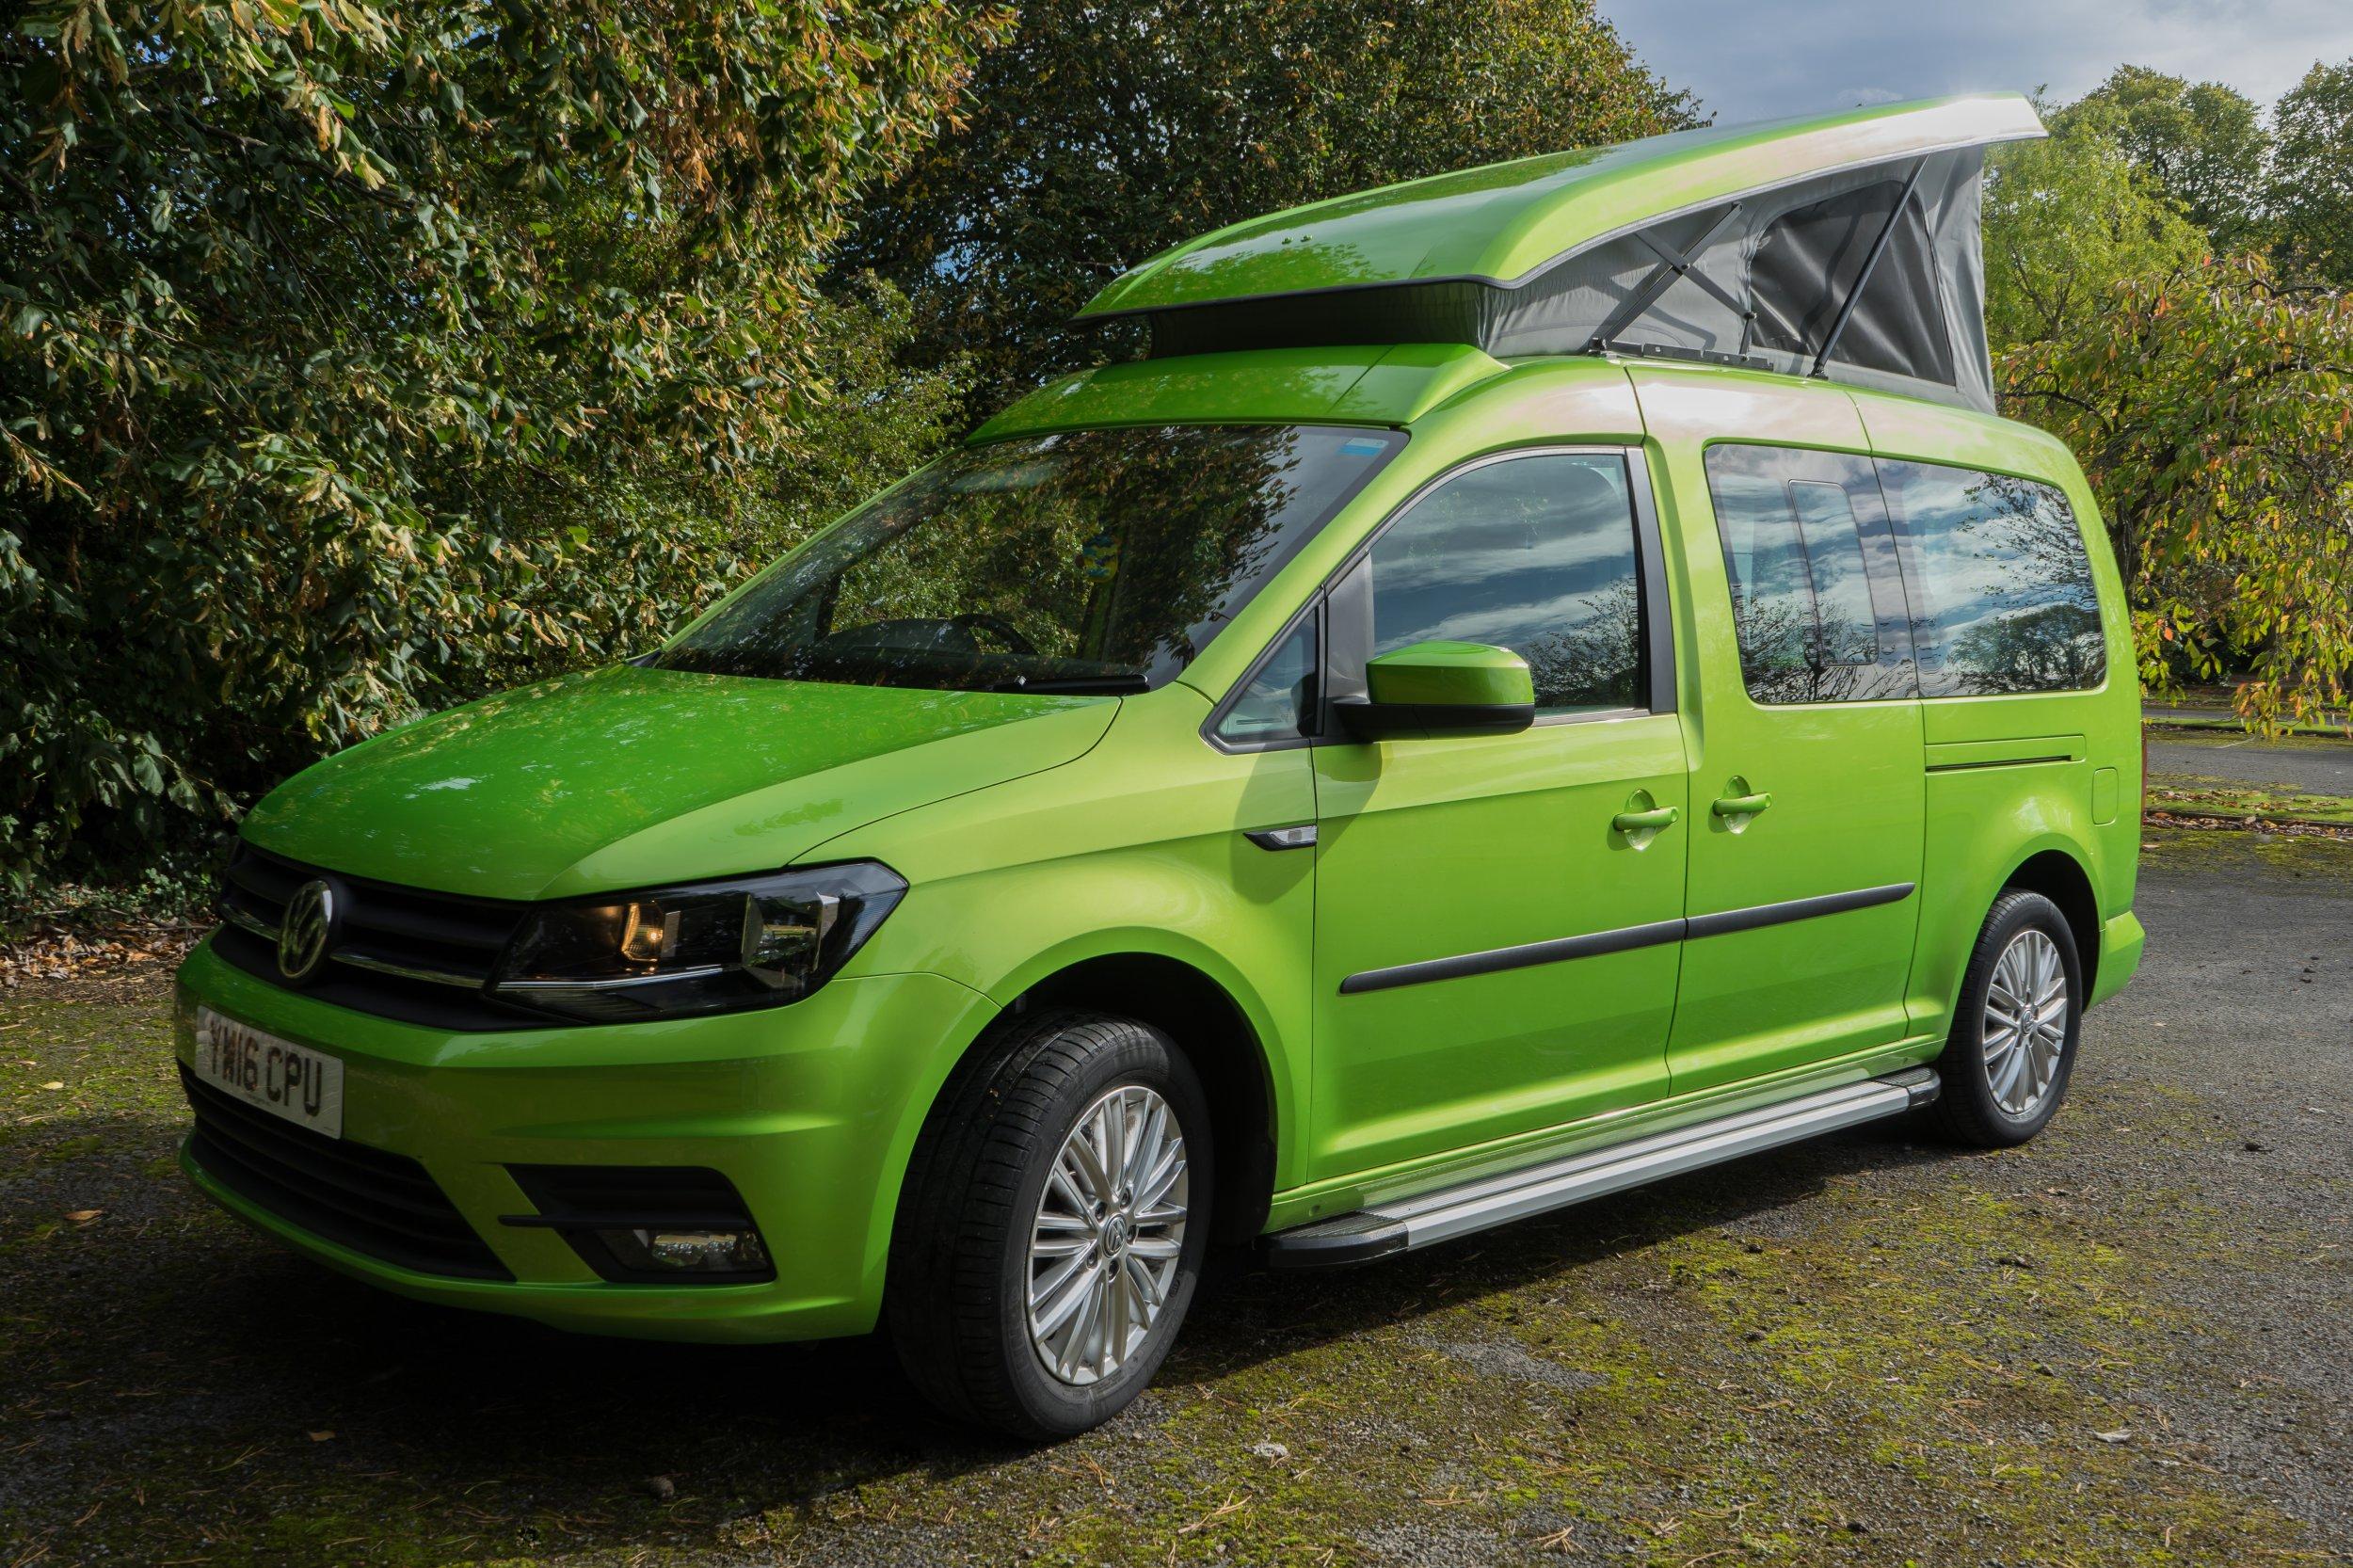 Vw Caddy Maxi Key Camper Conversions